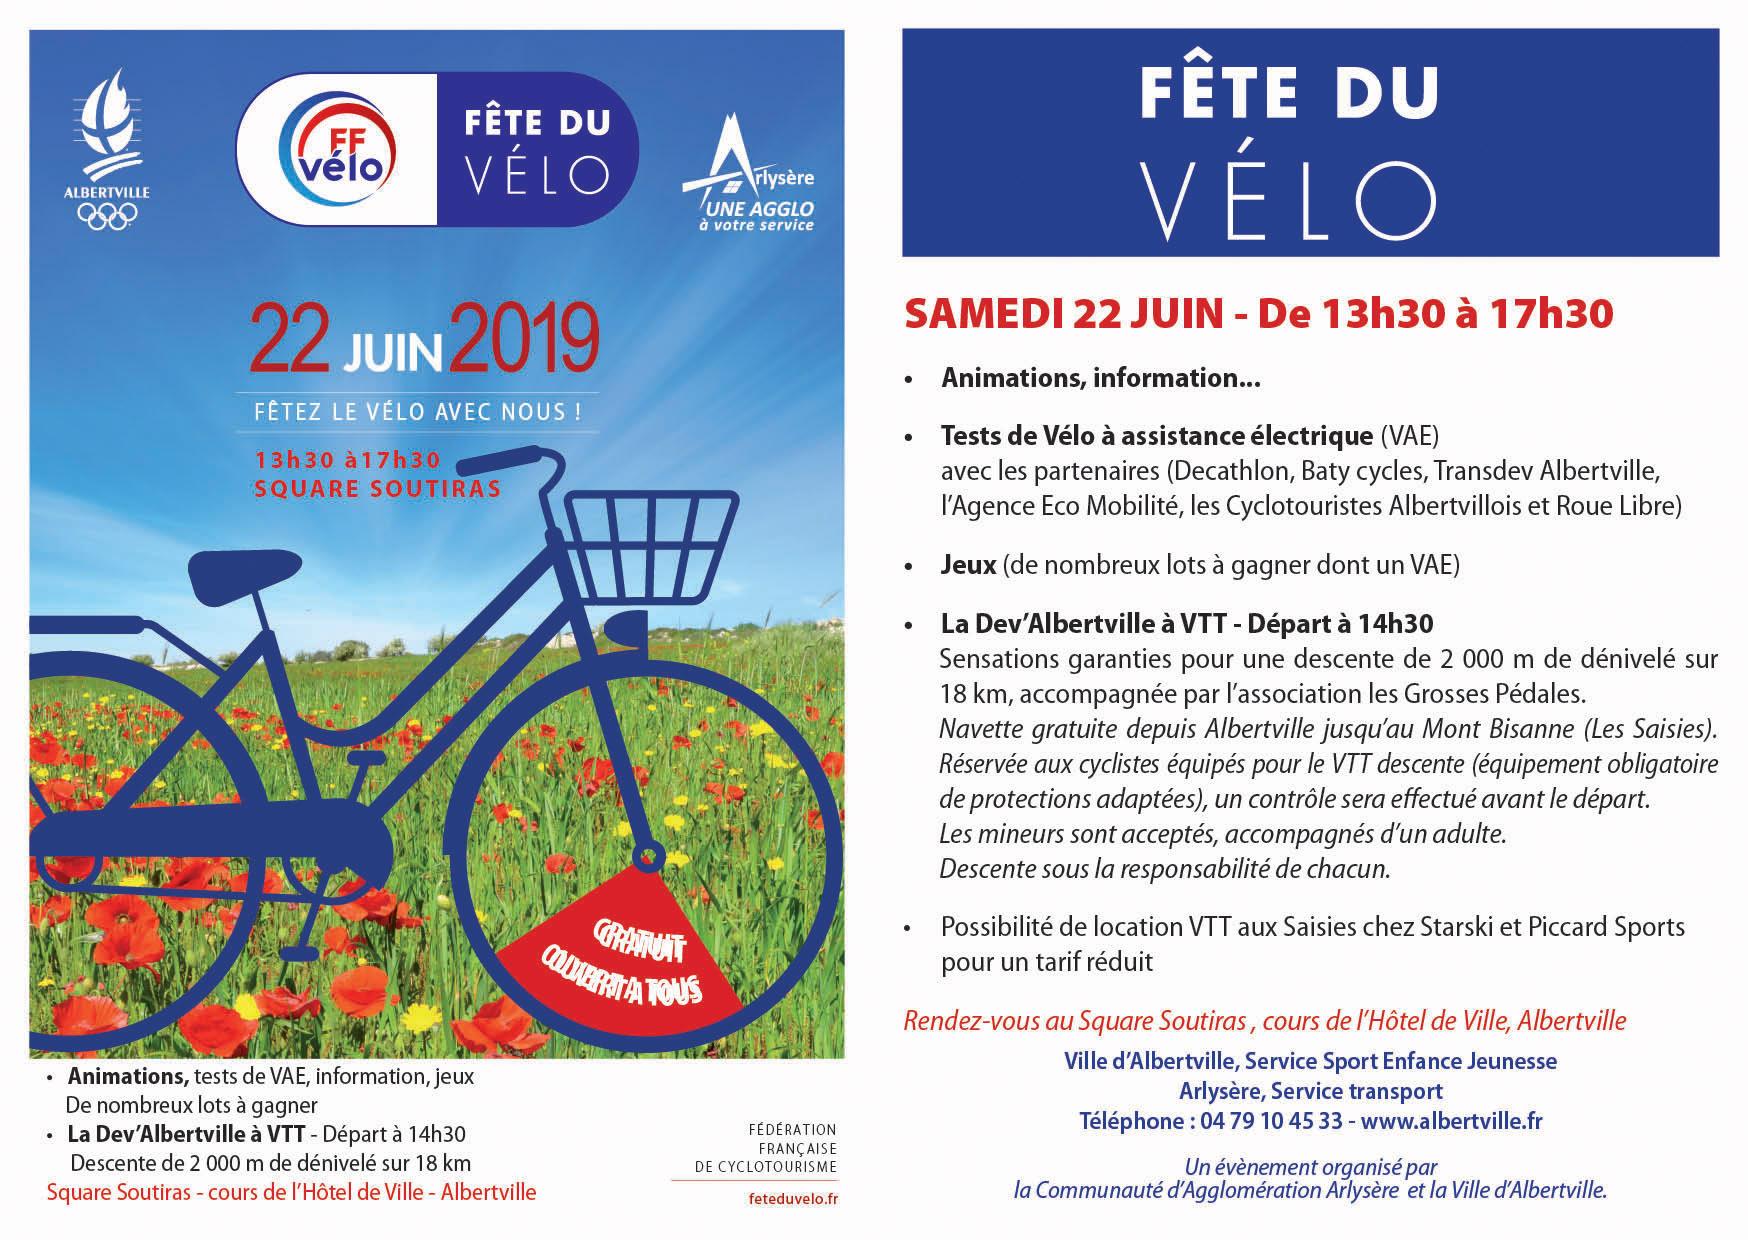 Fête du vélo - Ville d'Albertville